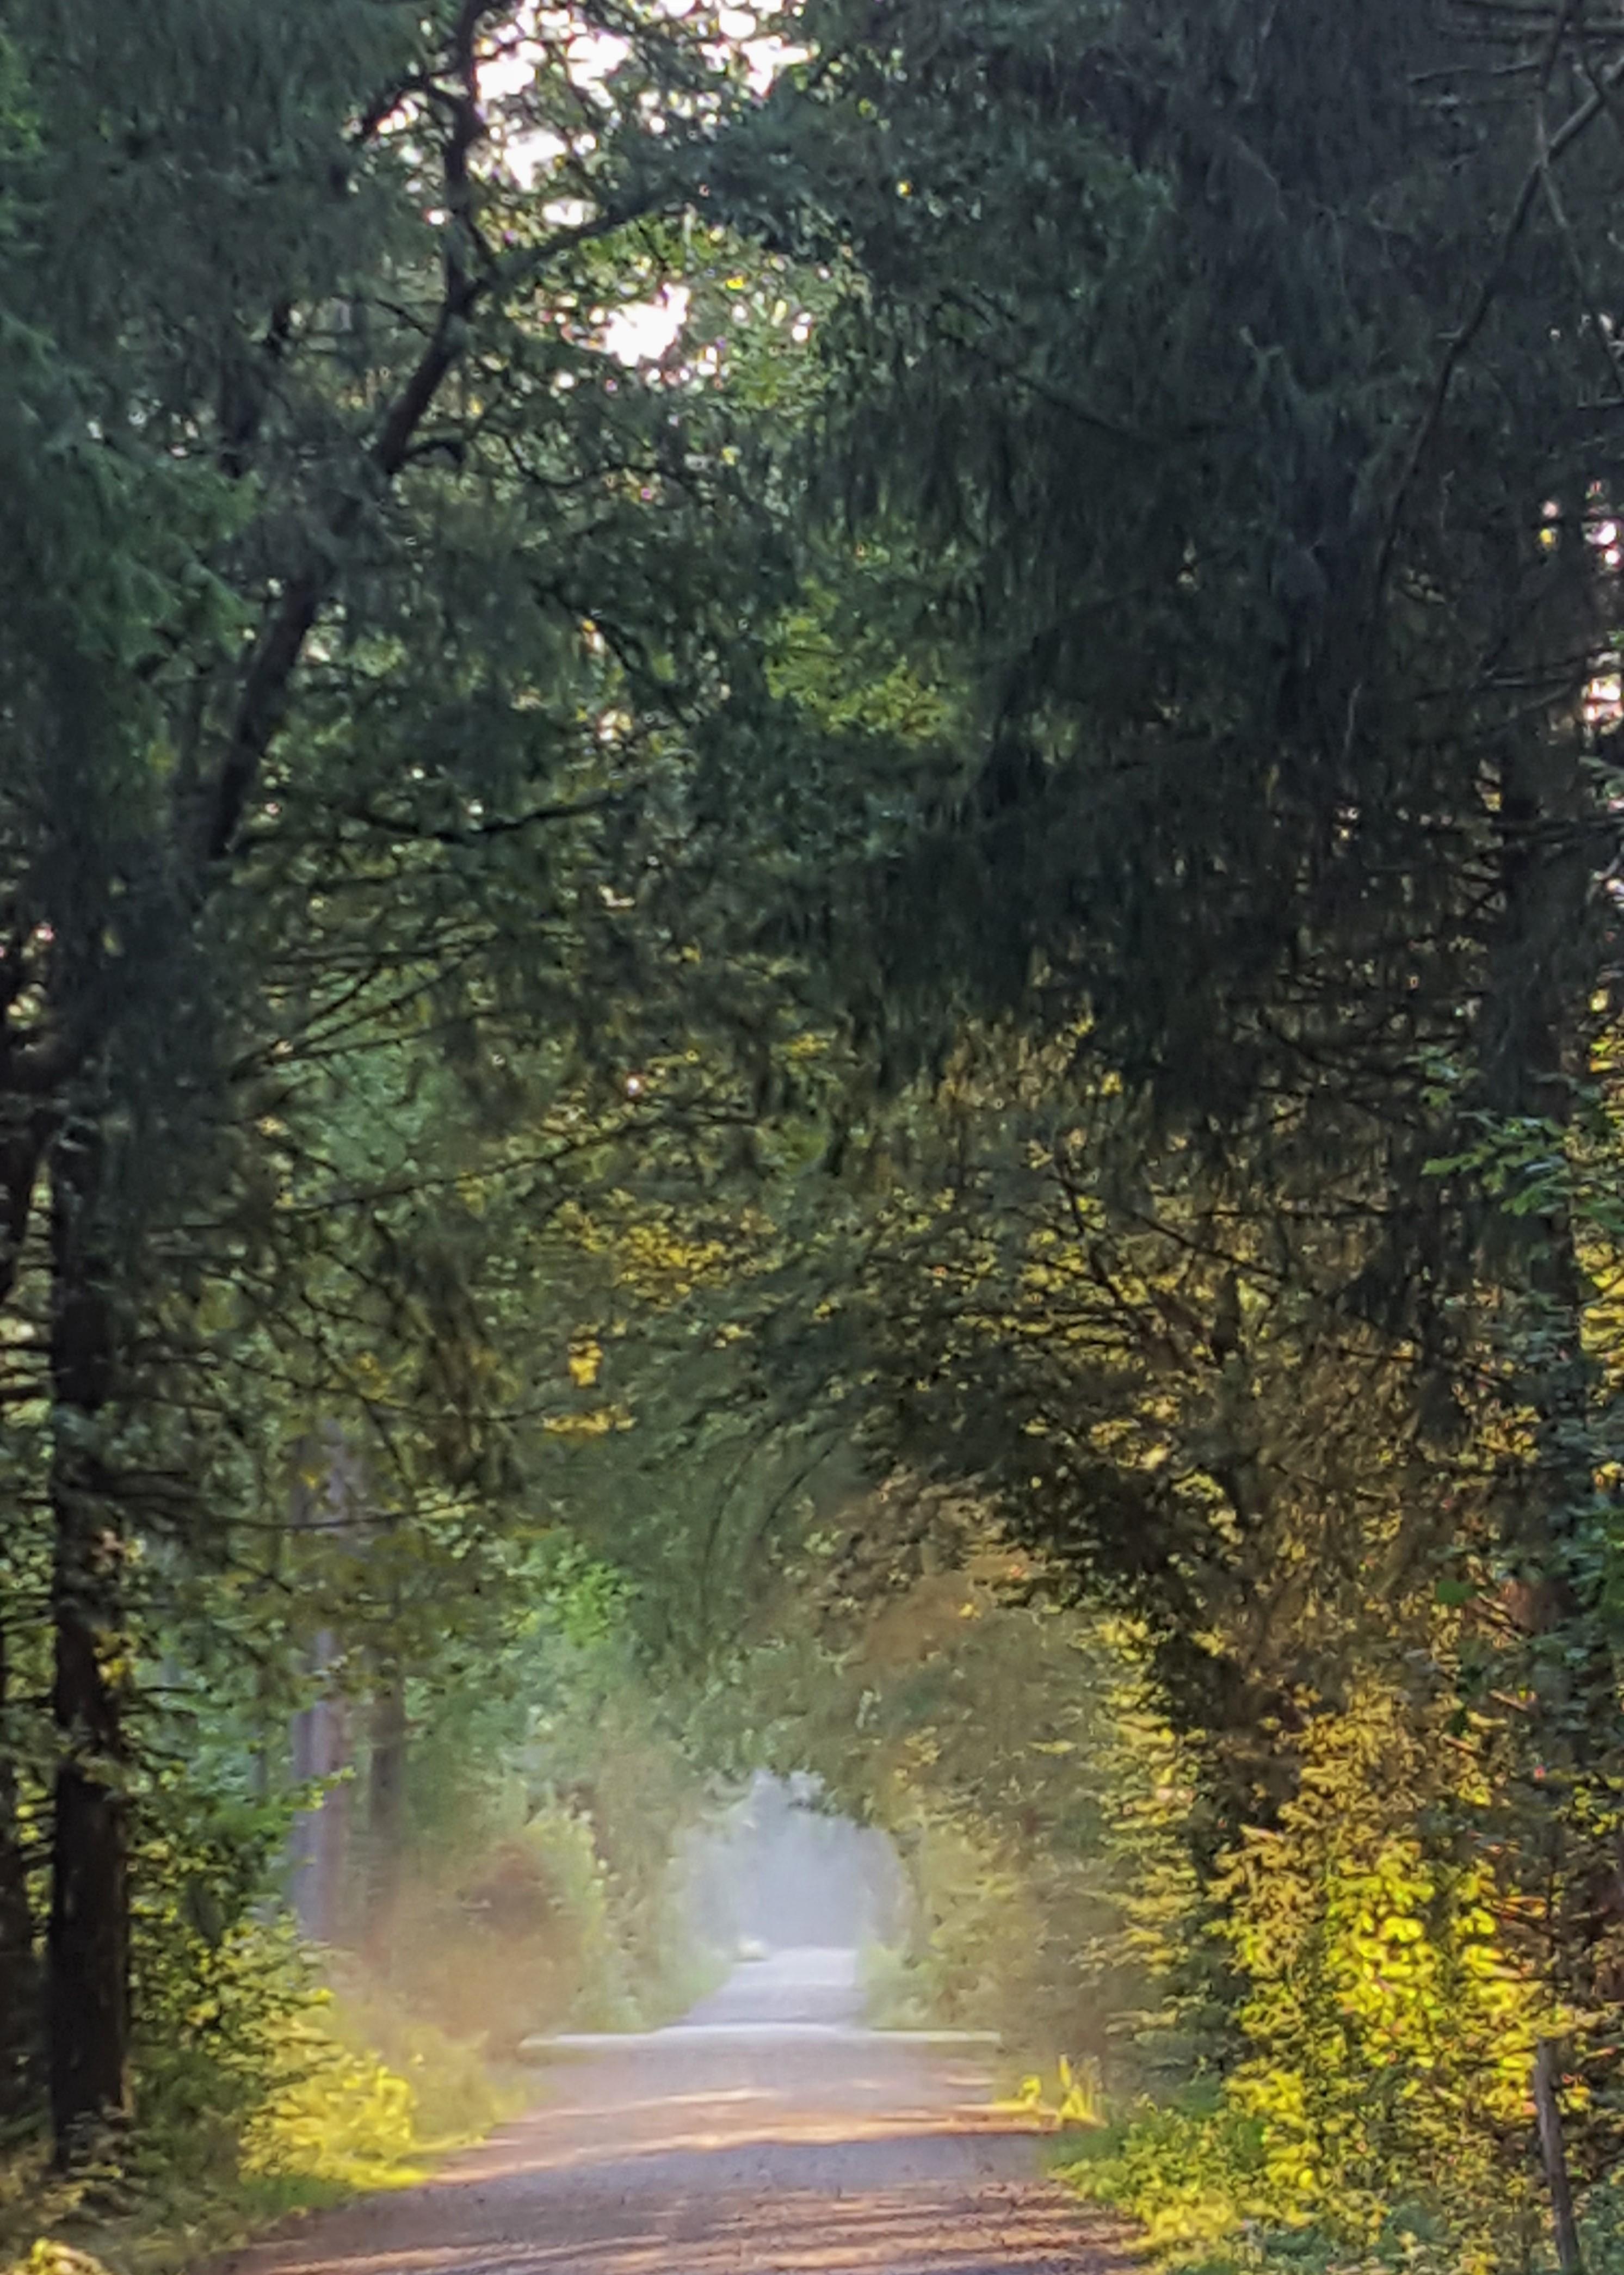 Stimmung Licht Wald